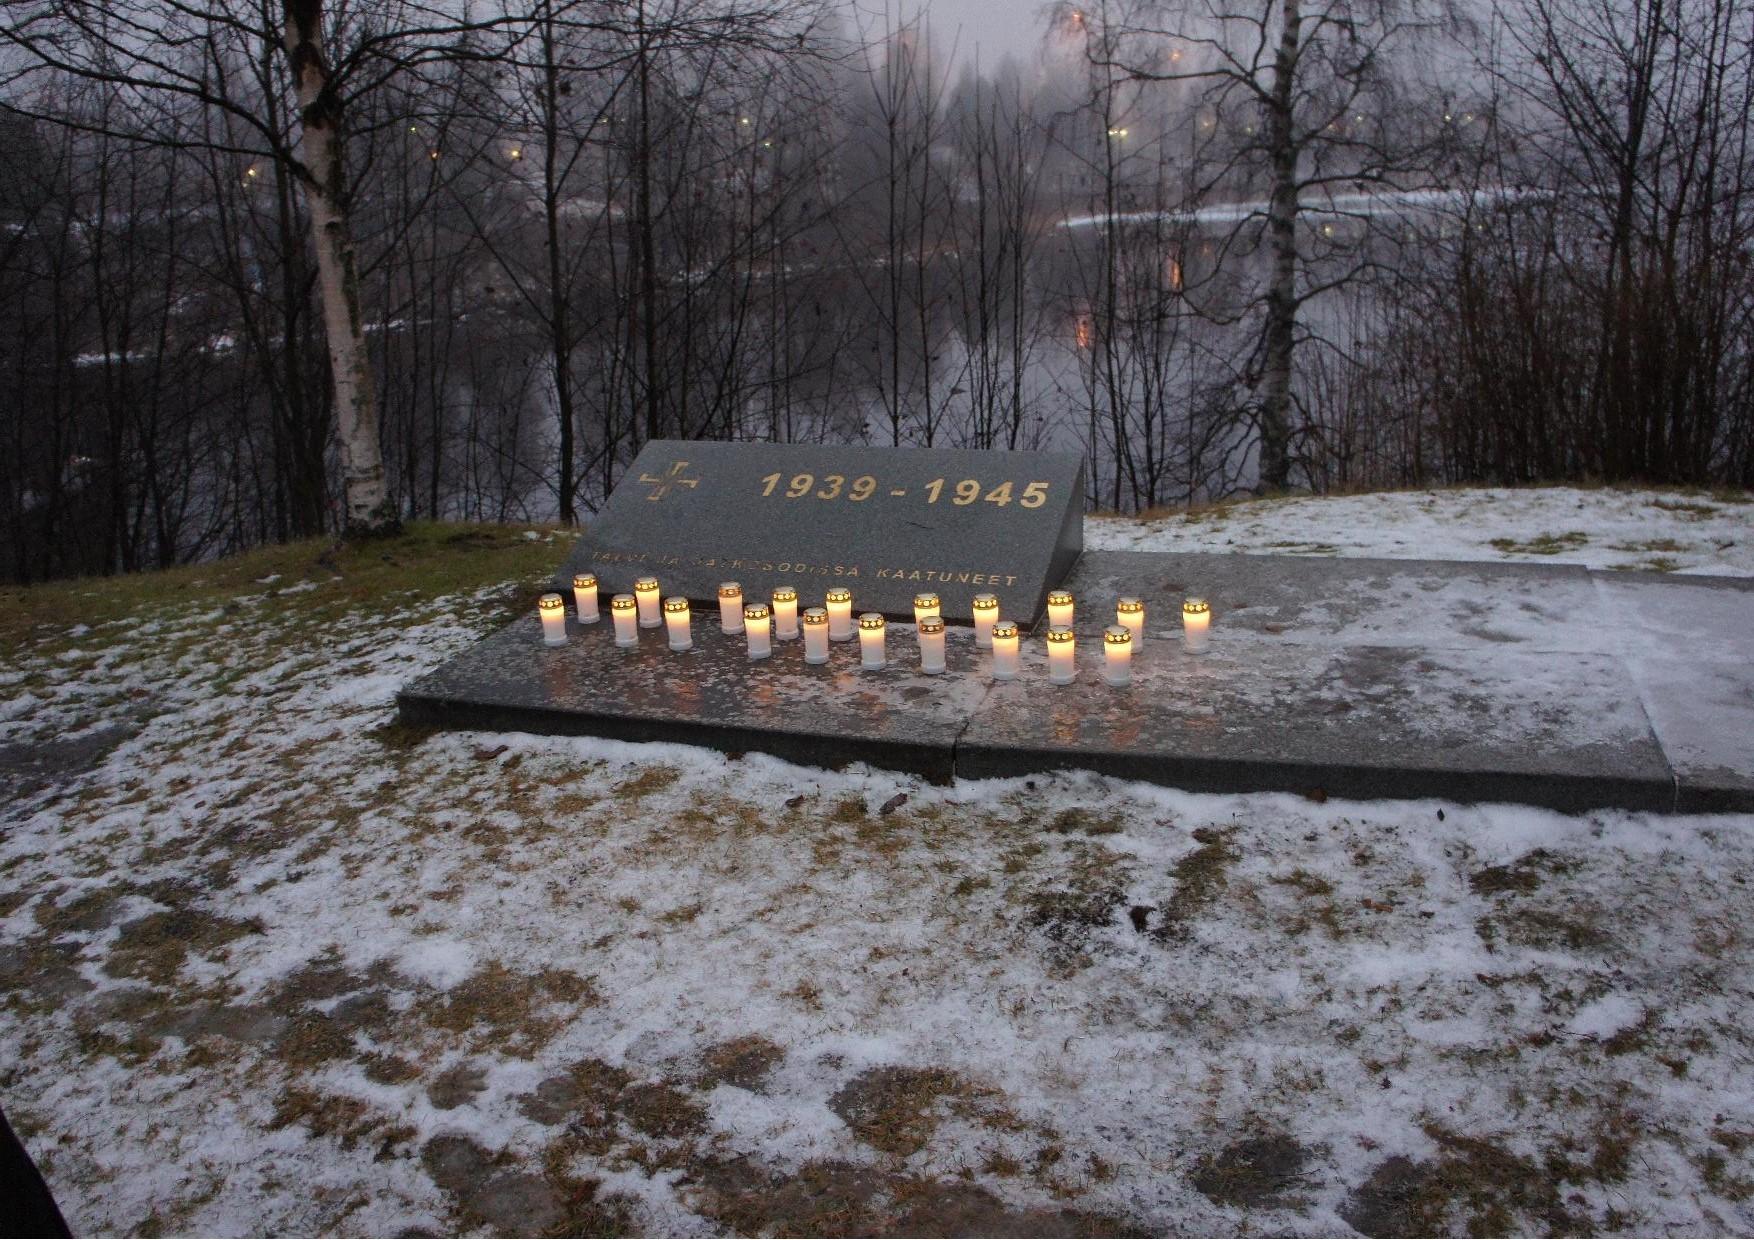 Oppilaitten kynttilät sytytettiin Talvi - ja Jatkosodassa kaatuneitten  v. 1939 - 1945 muistomerkille. Sen on suunnitellut arkkitehti Hannu Puurunen.